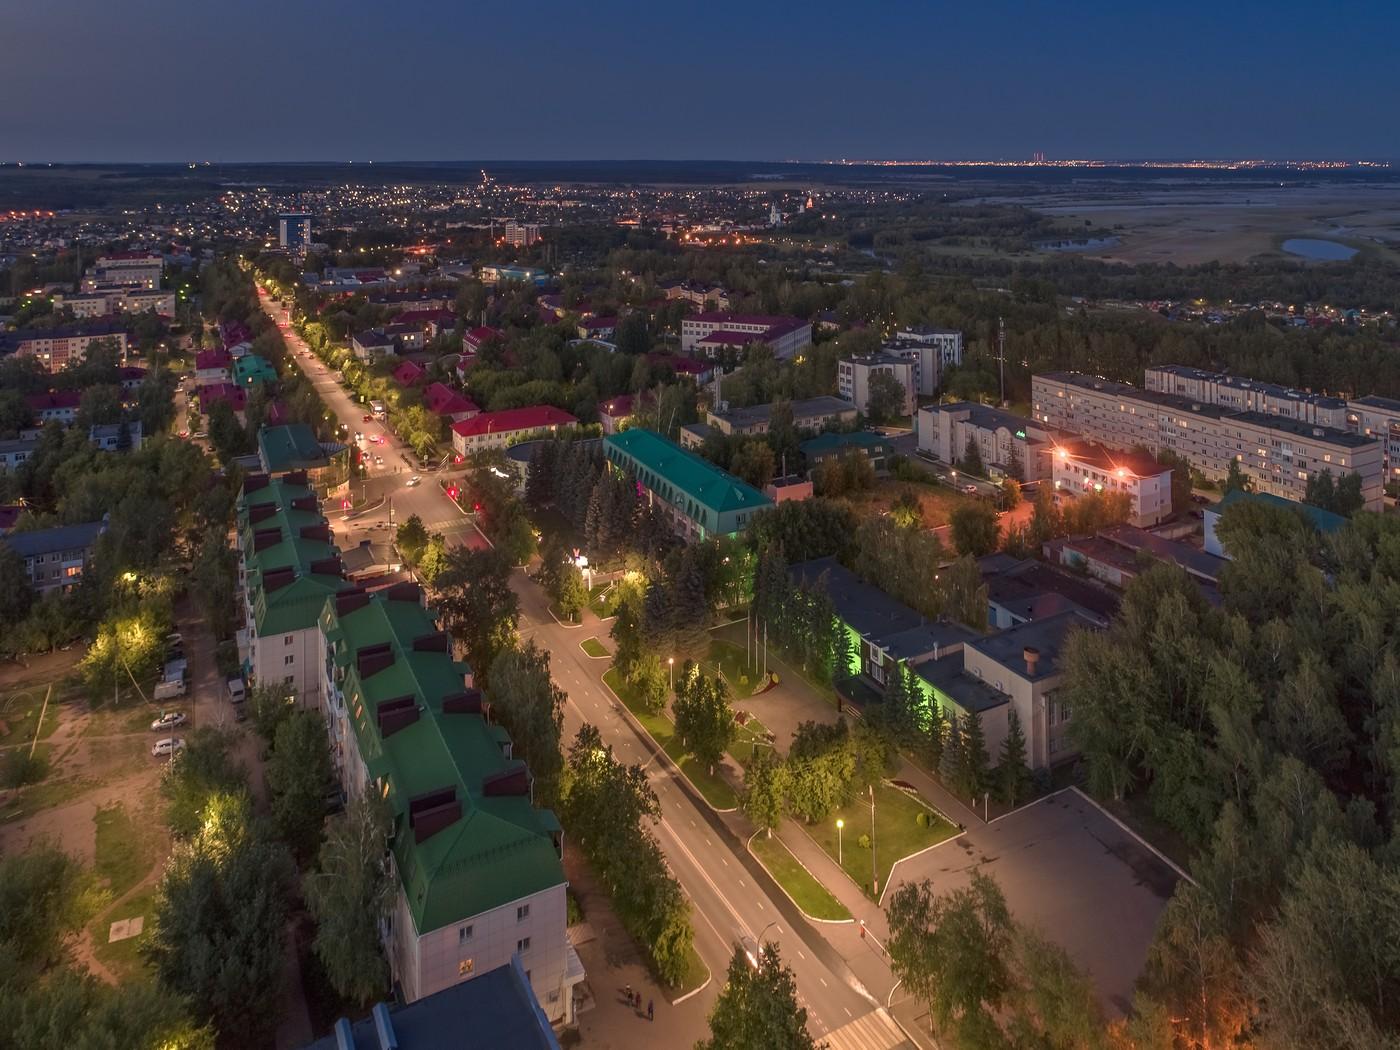 Елабуга с высоты. Июль 2019. город как на ладони,фото,аэрофото,аэрофотосъемка,Елабуга,высота,захватывающие картинки города,квадрокоптер,красивые фотографии с высоты,все о городе,dji,Татарстан